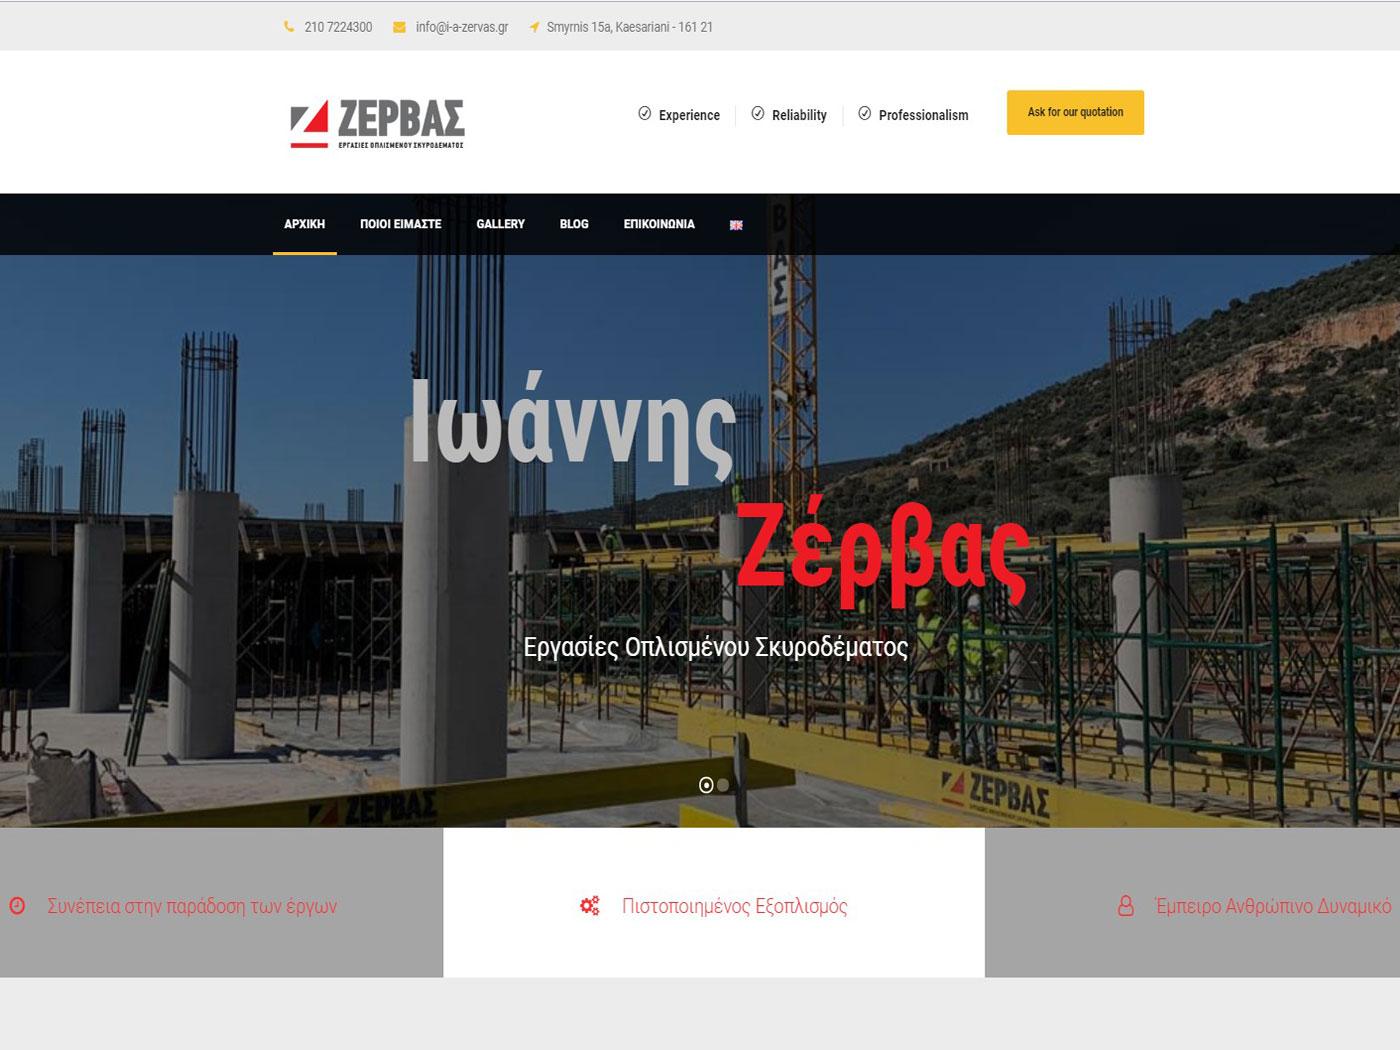 ioannis zervas website